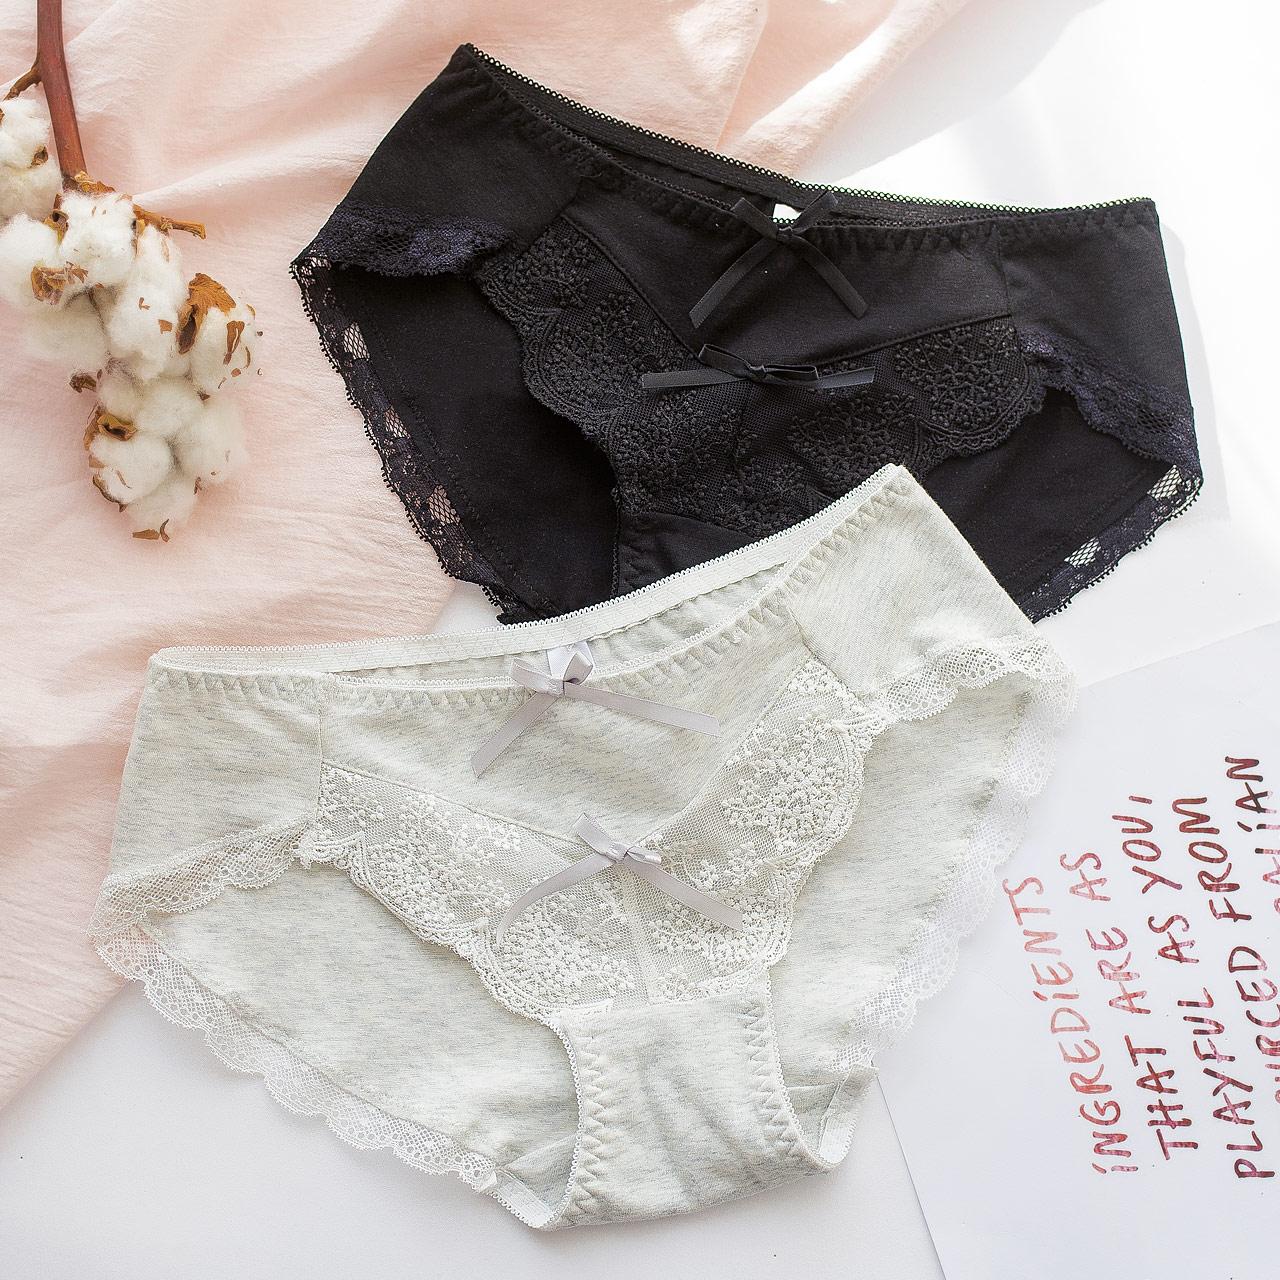 买3送1可爱内裤女纯棉档日系少女透气蕾丝边低腰三角裤性感底裤